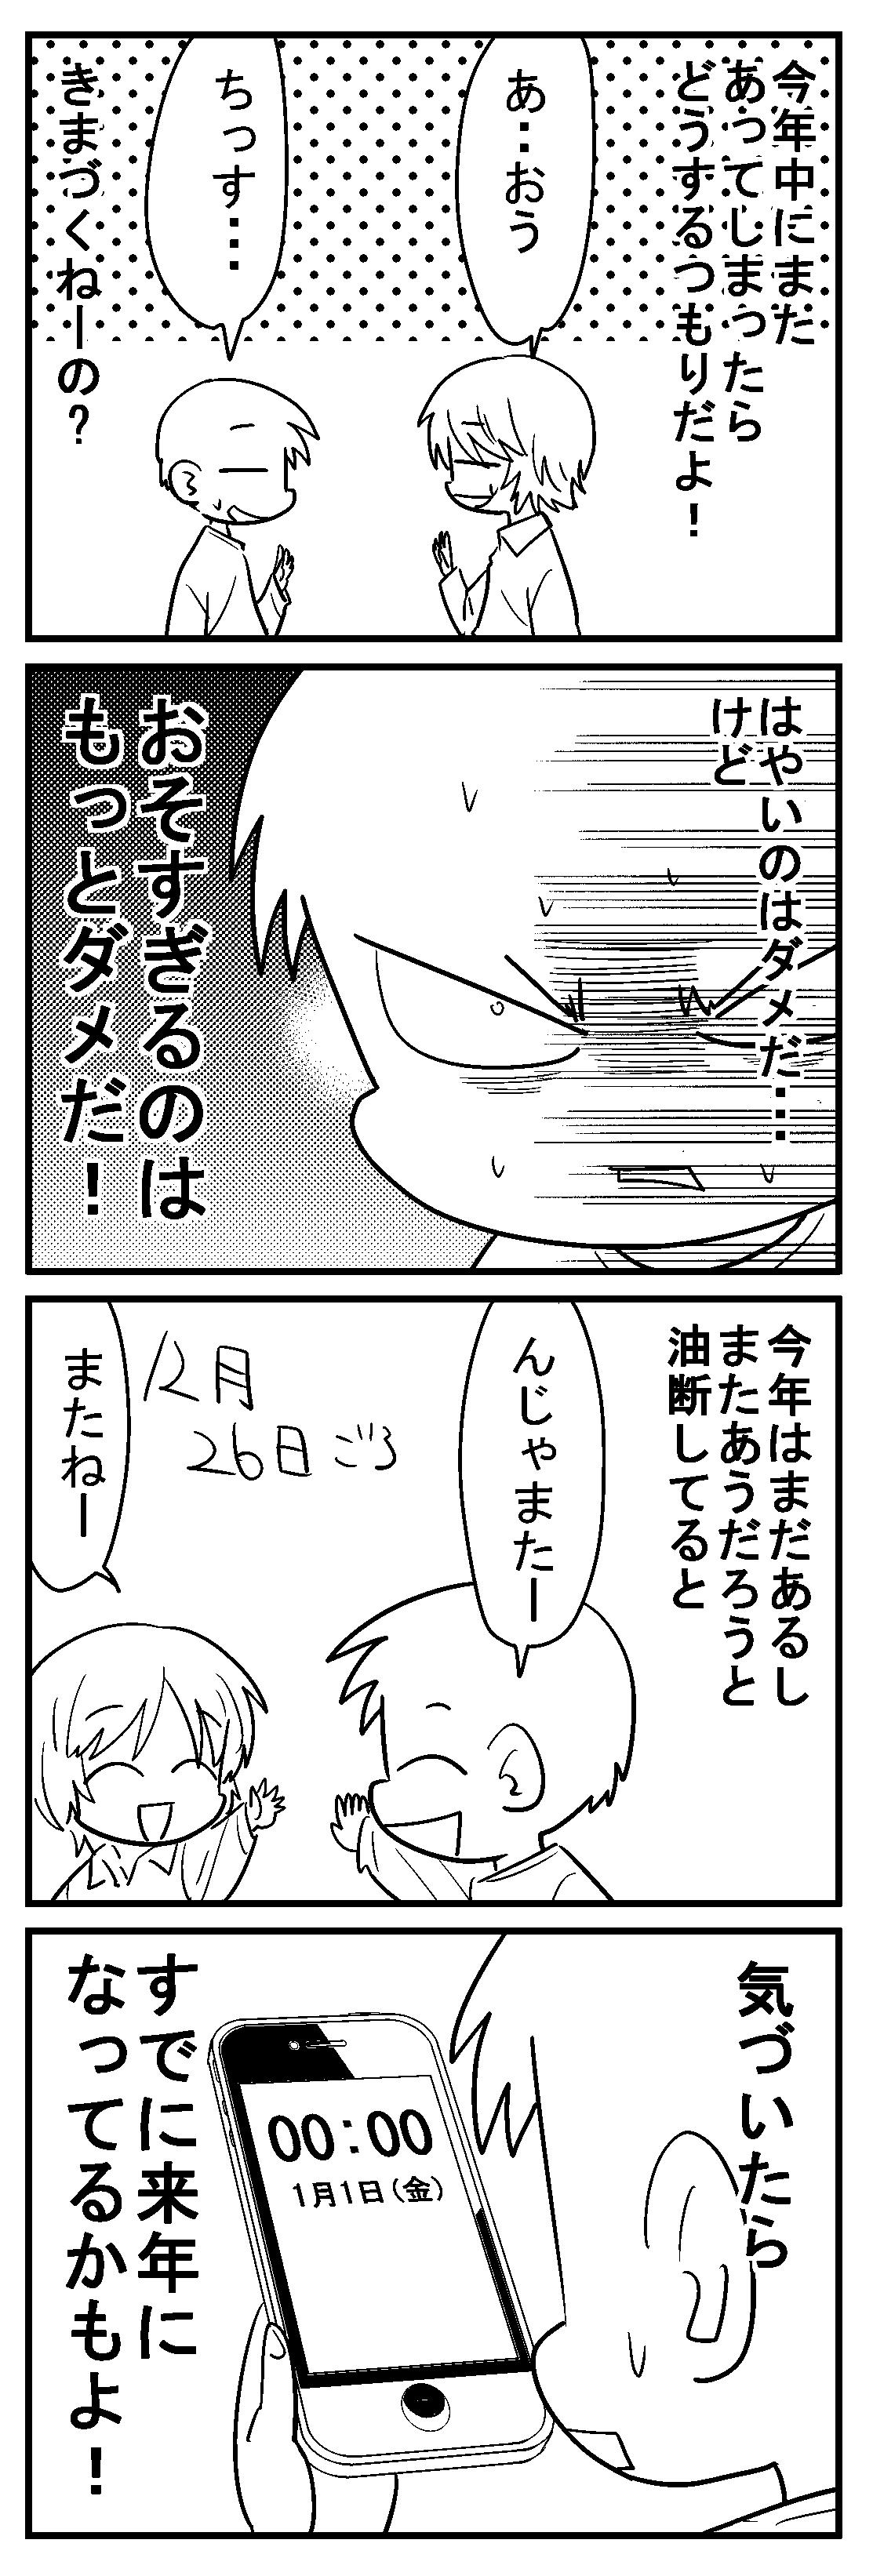 深読みくん32 3